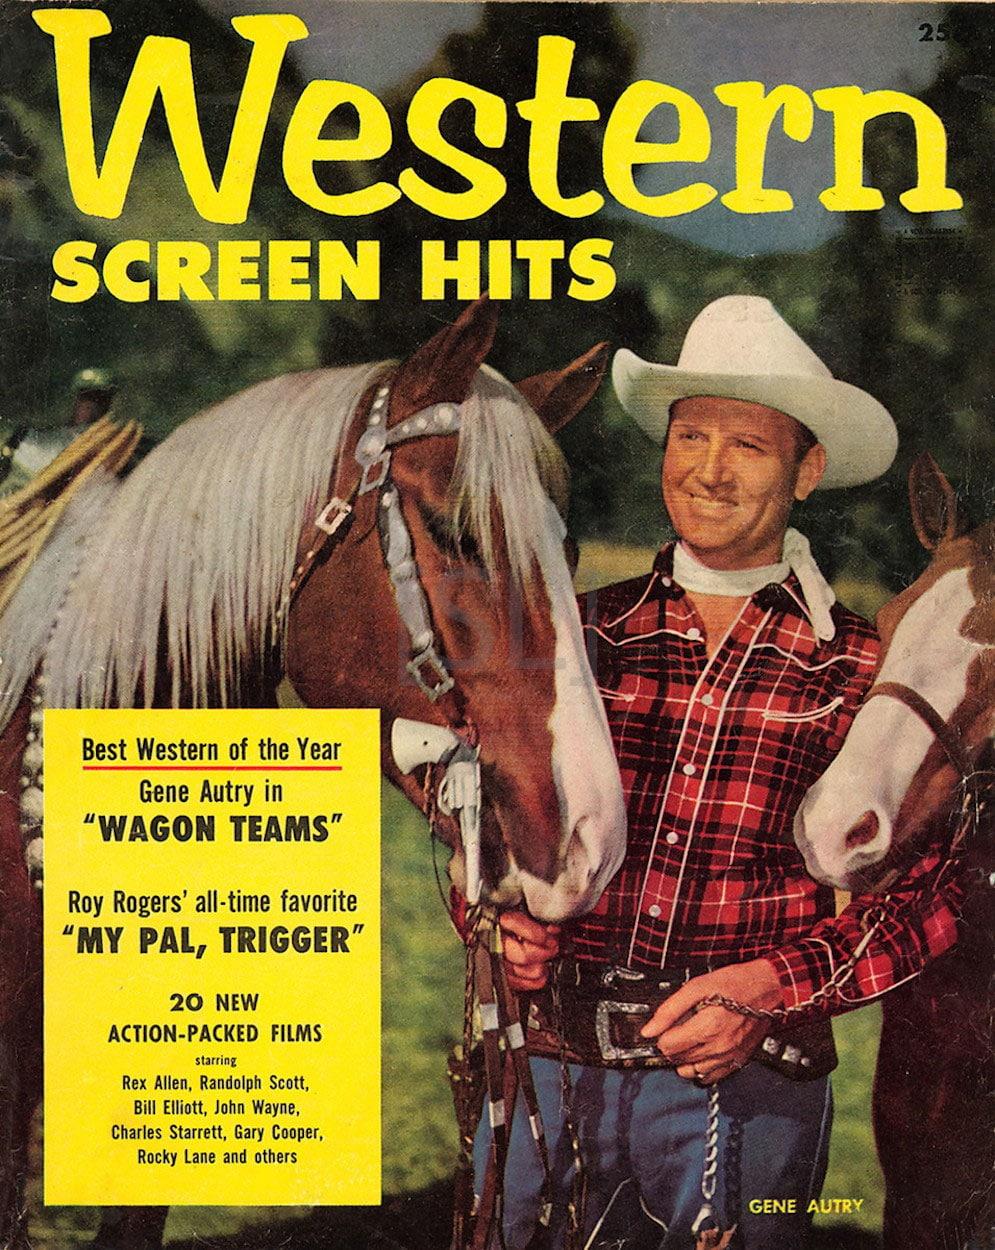 Western Screen Hits